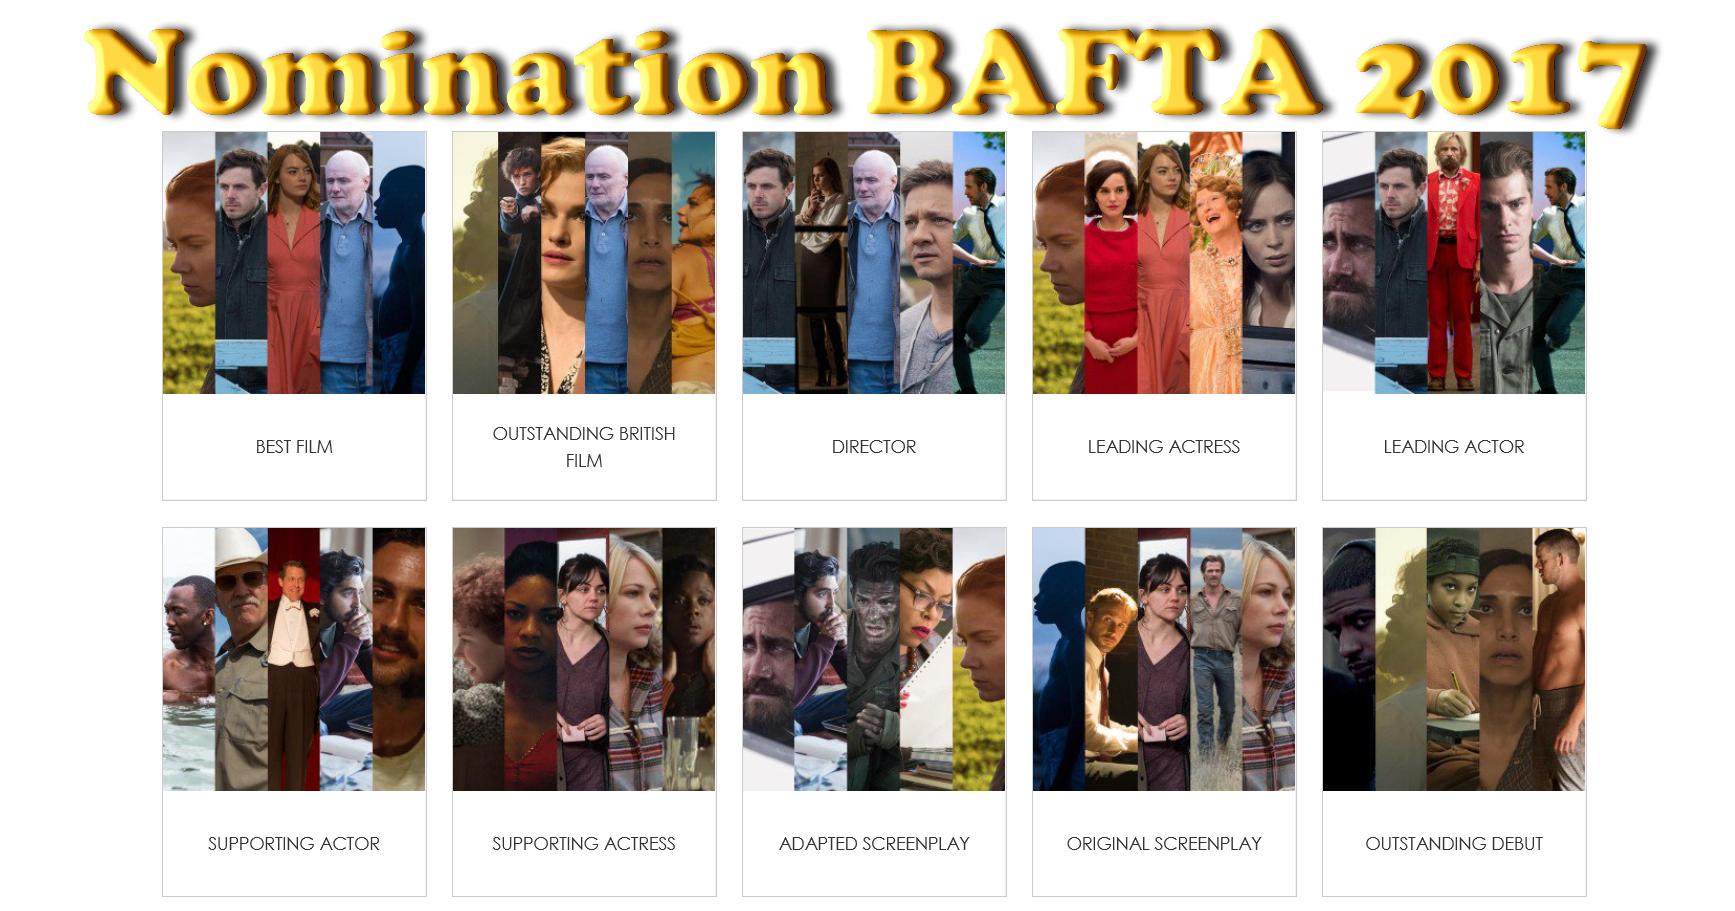 La La Land domina anche le nomination dei BAFTA 2017, seguito a breve distanza da Arrival ed Animali notturni. Gennaio tempo di nomination, e non potevano mancare quelle dei BAFTA, […]